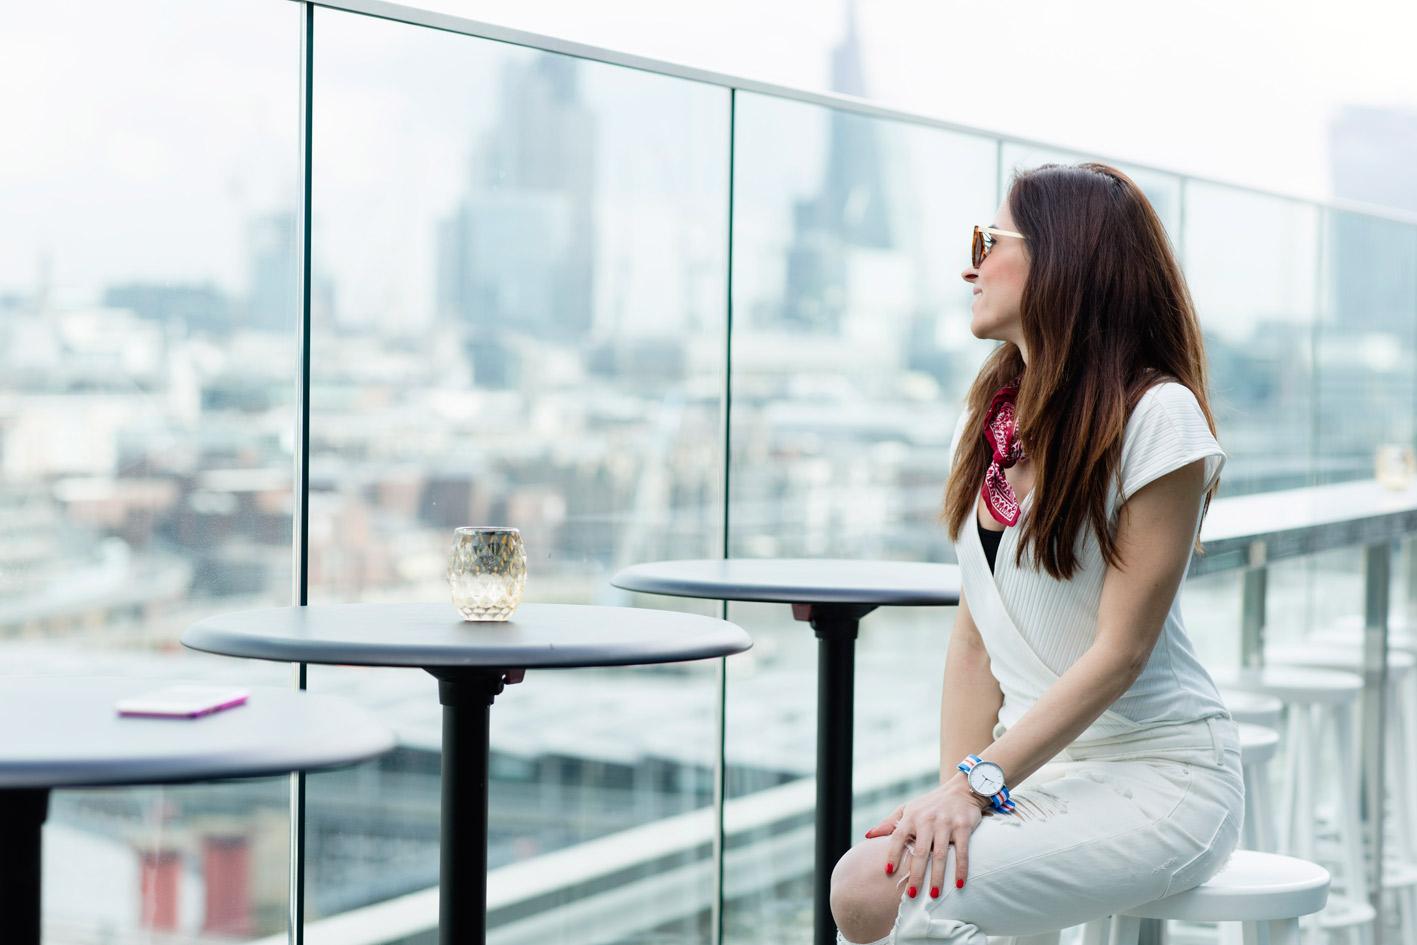 visitare-londra-visit-london-dove-dormire-alberghi-hote